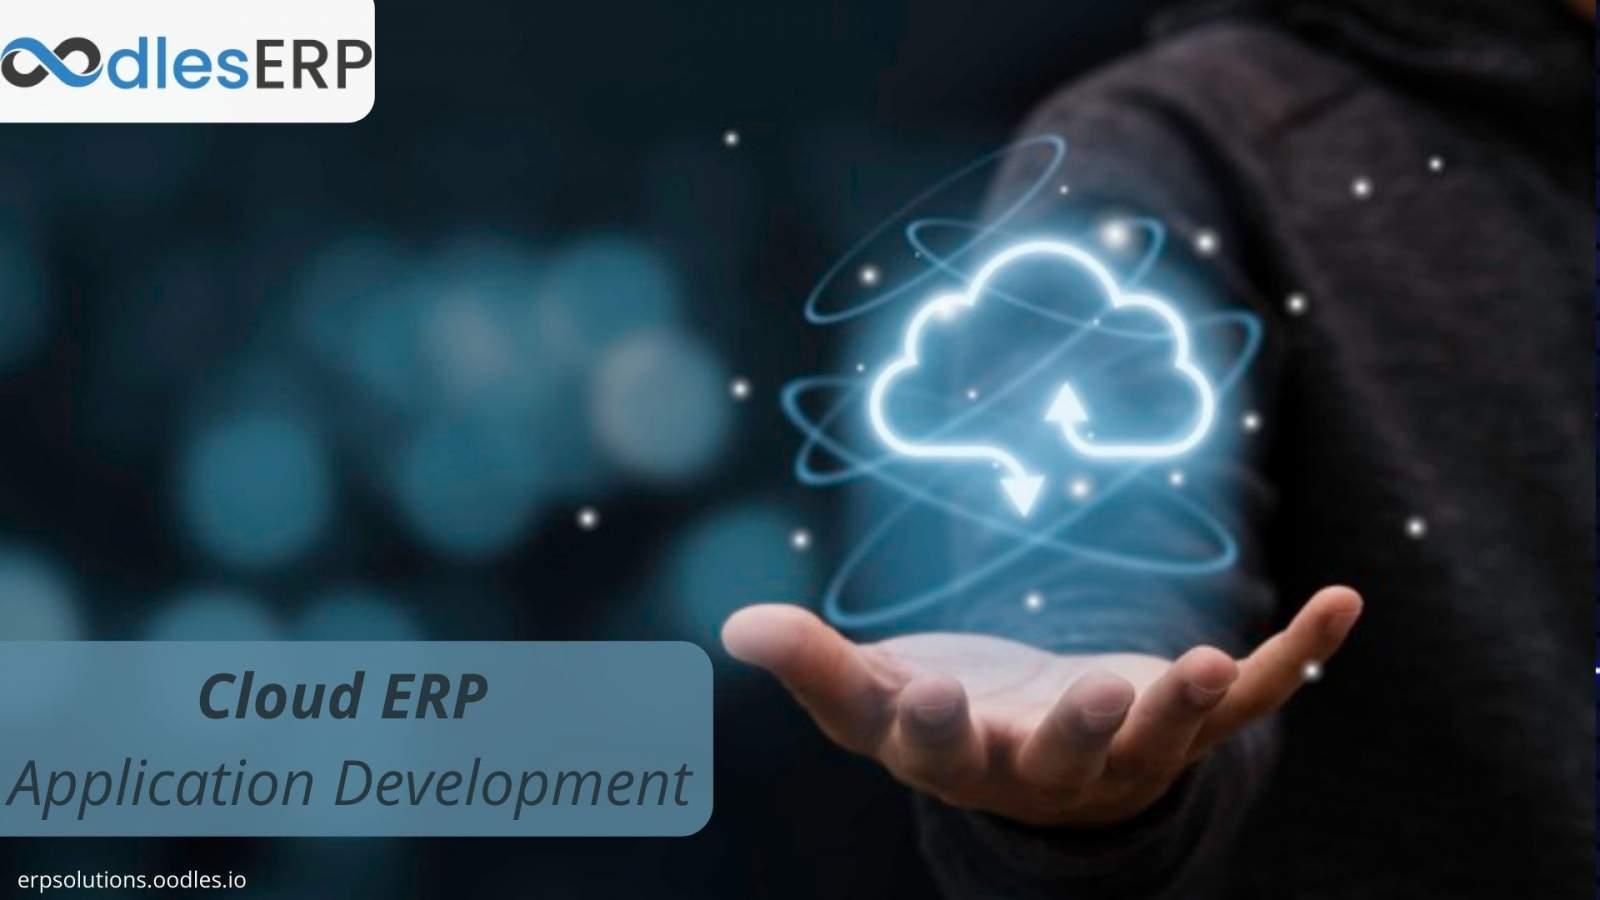 Cloud ERP Application Development